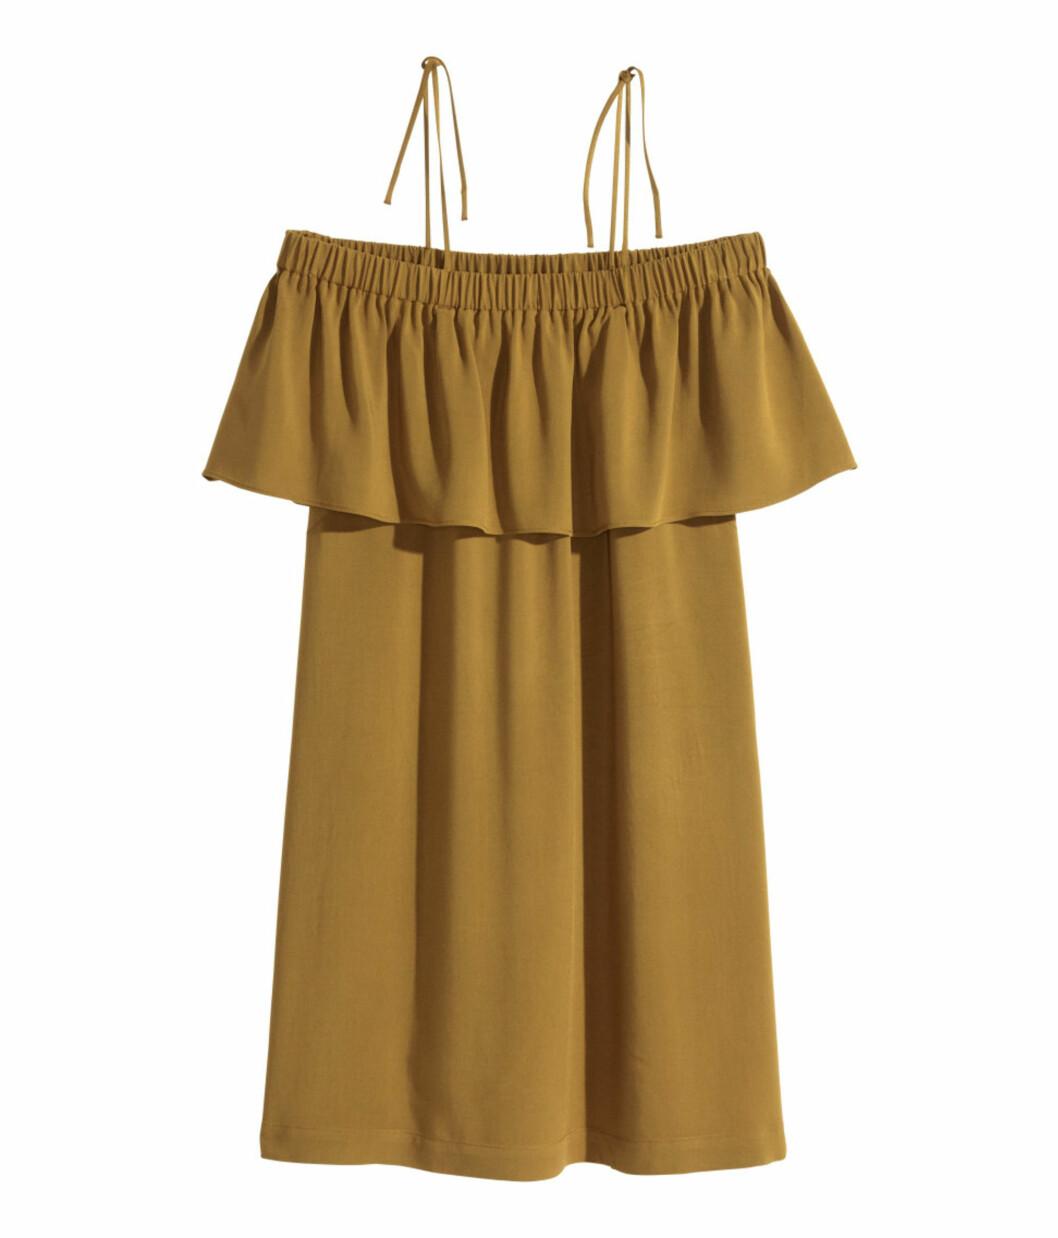 Kjole fra H&M, kr 249. Foto: Produsenten